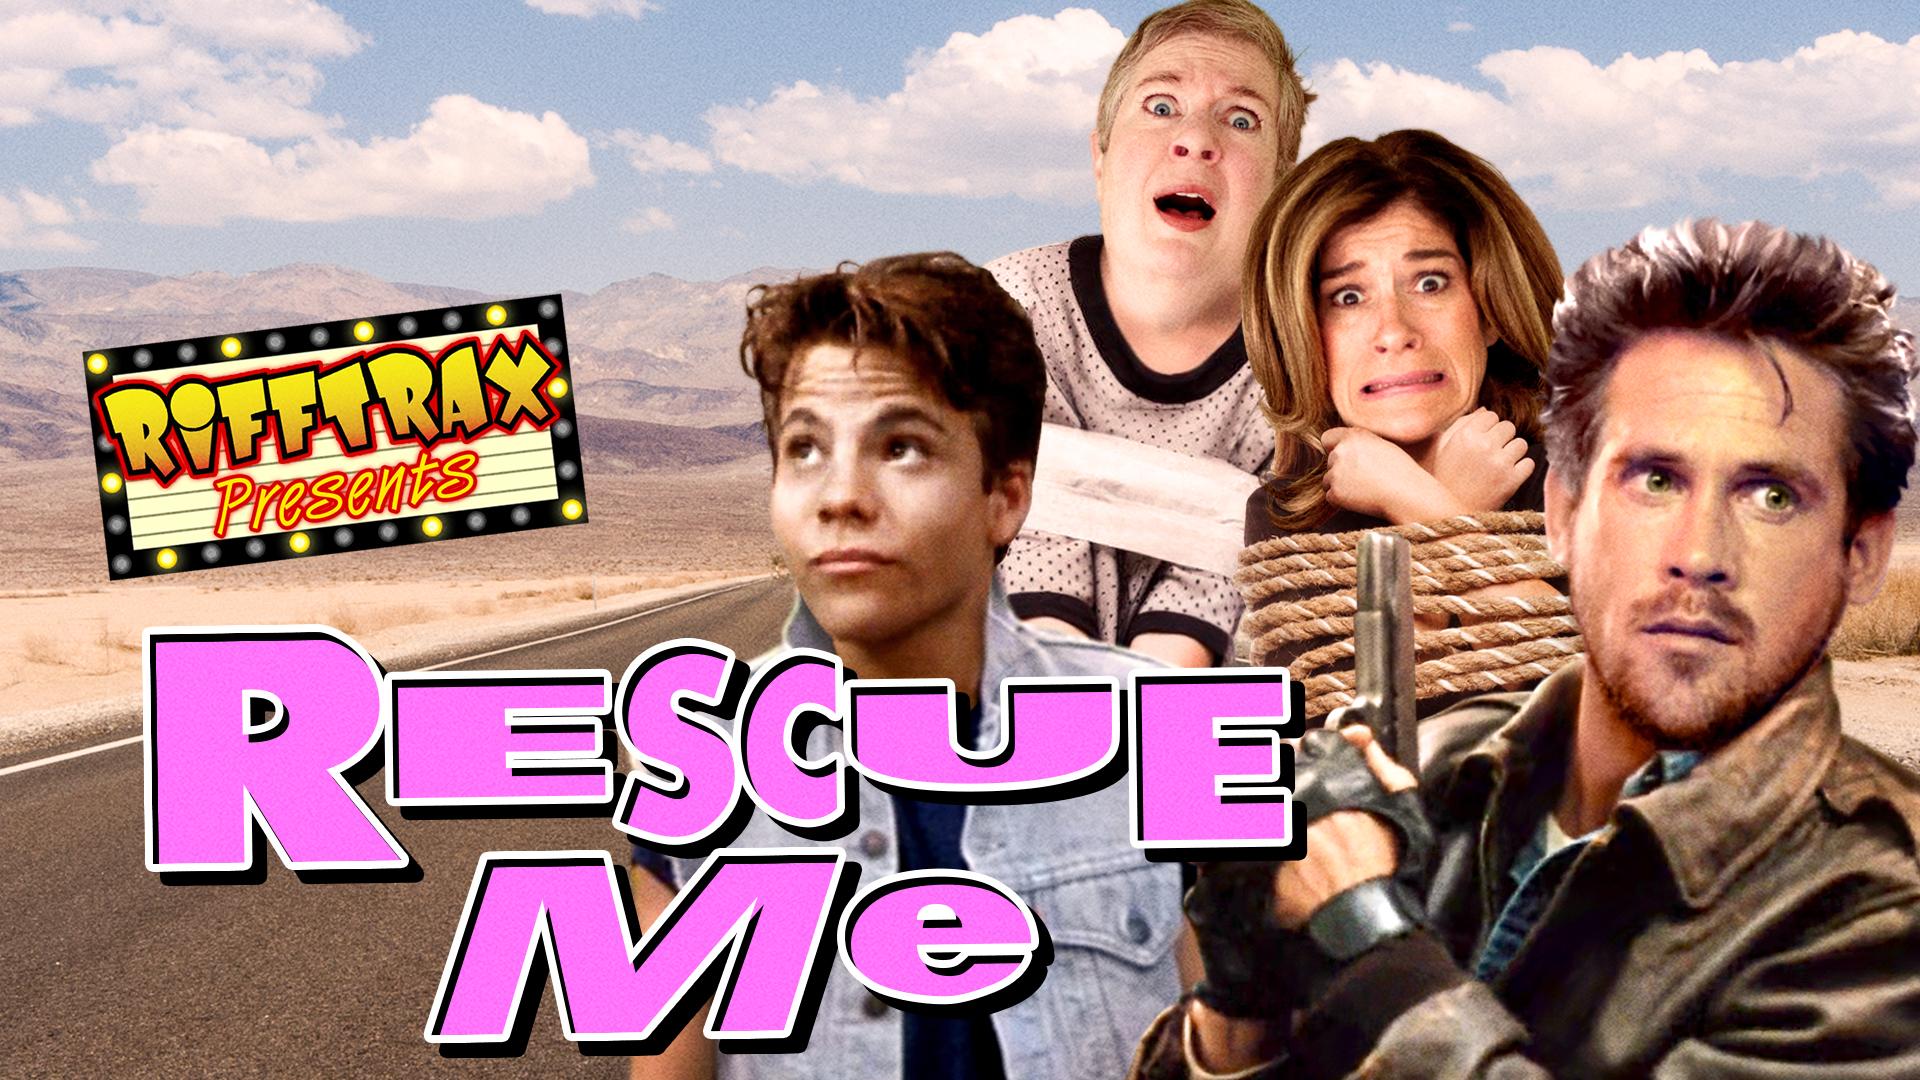 RiffTrax Presents: Rescue Me